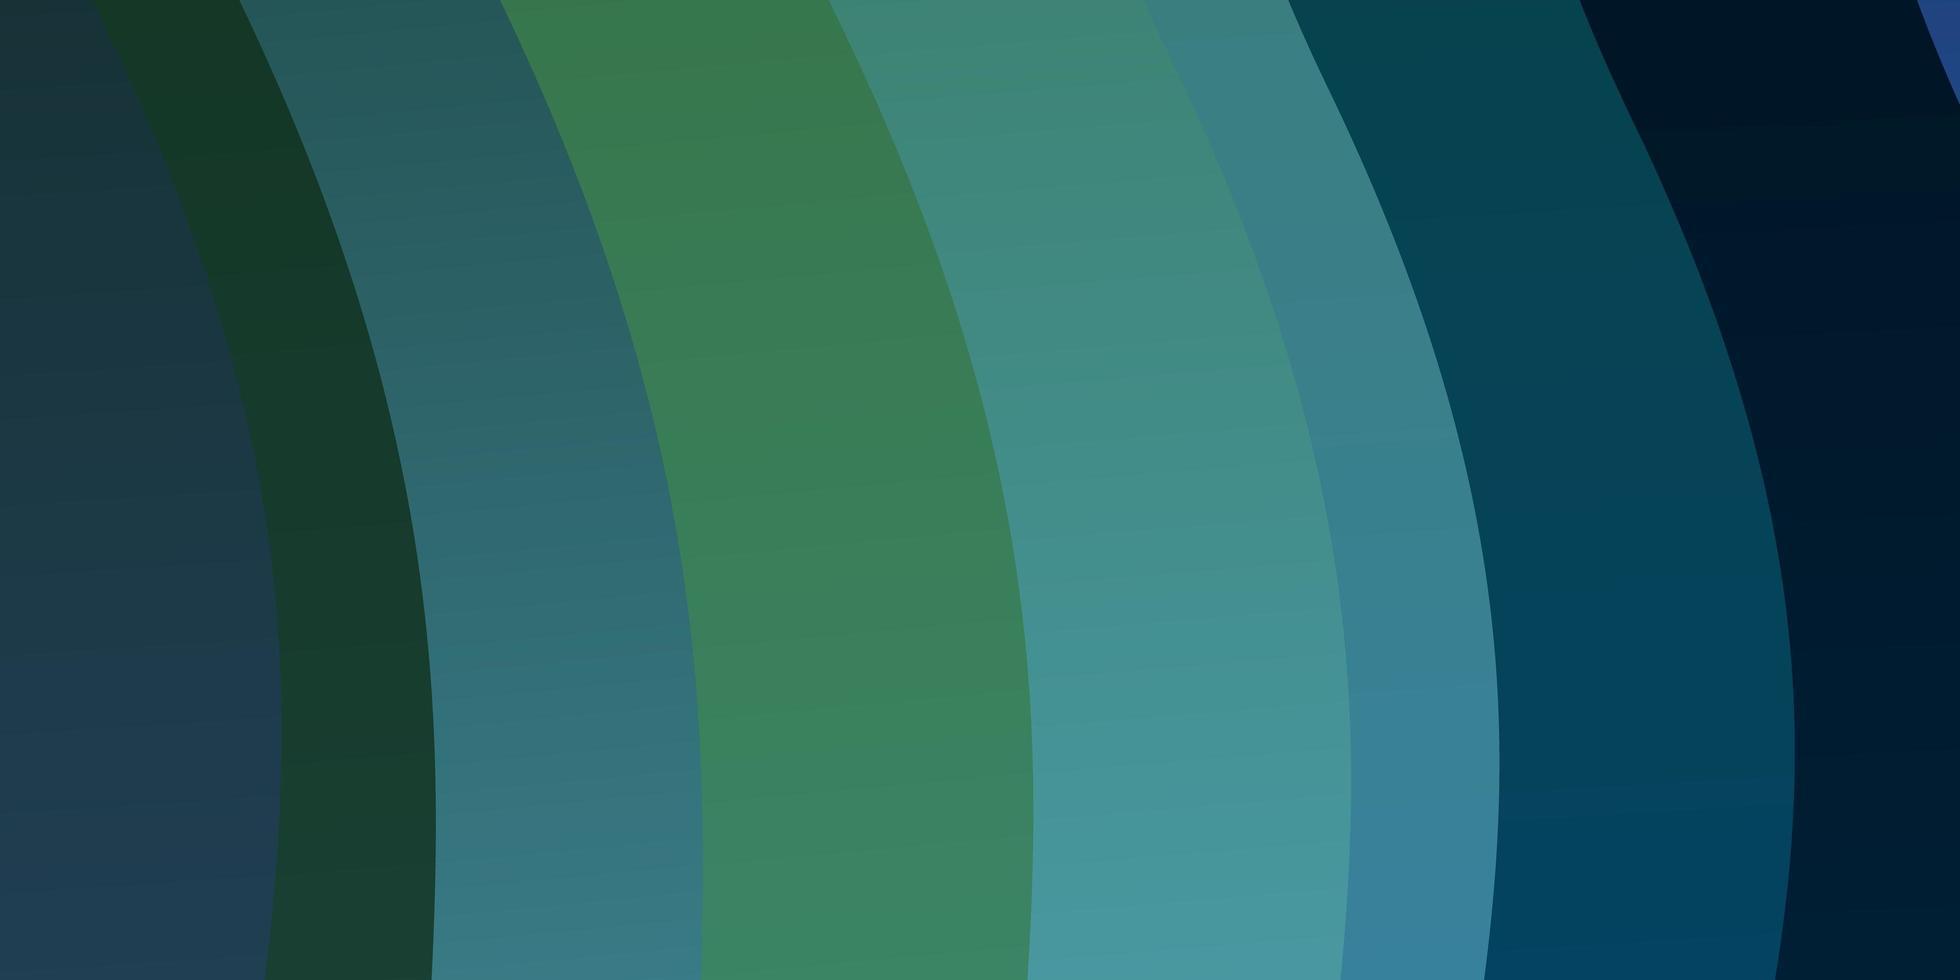 ljusblå, grön vektorbakgrund med bågar. vektor